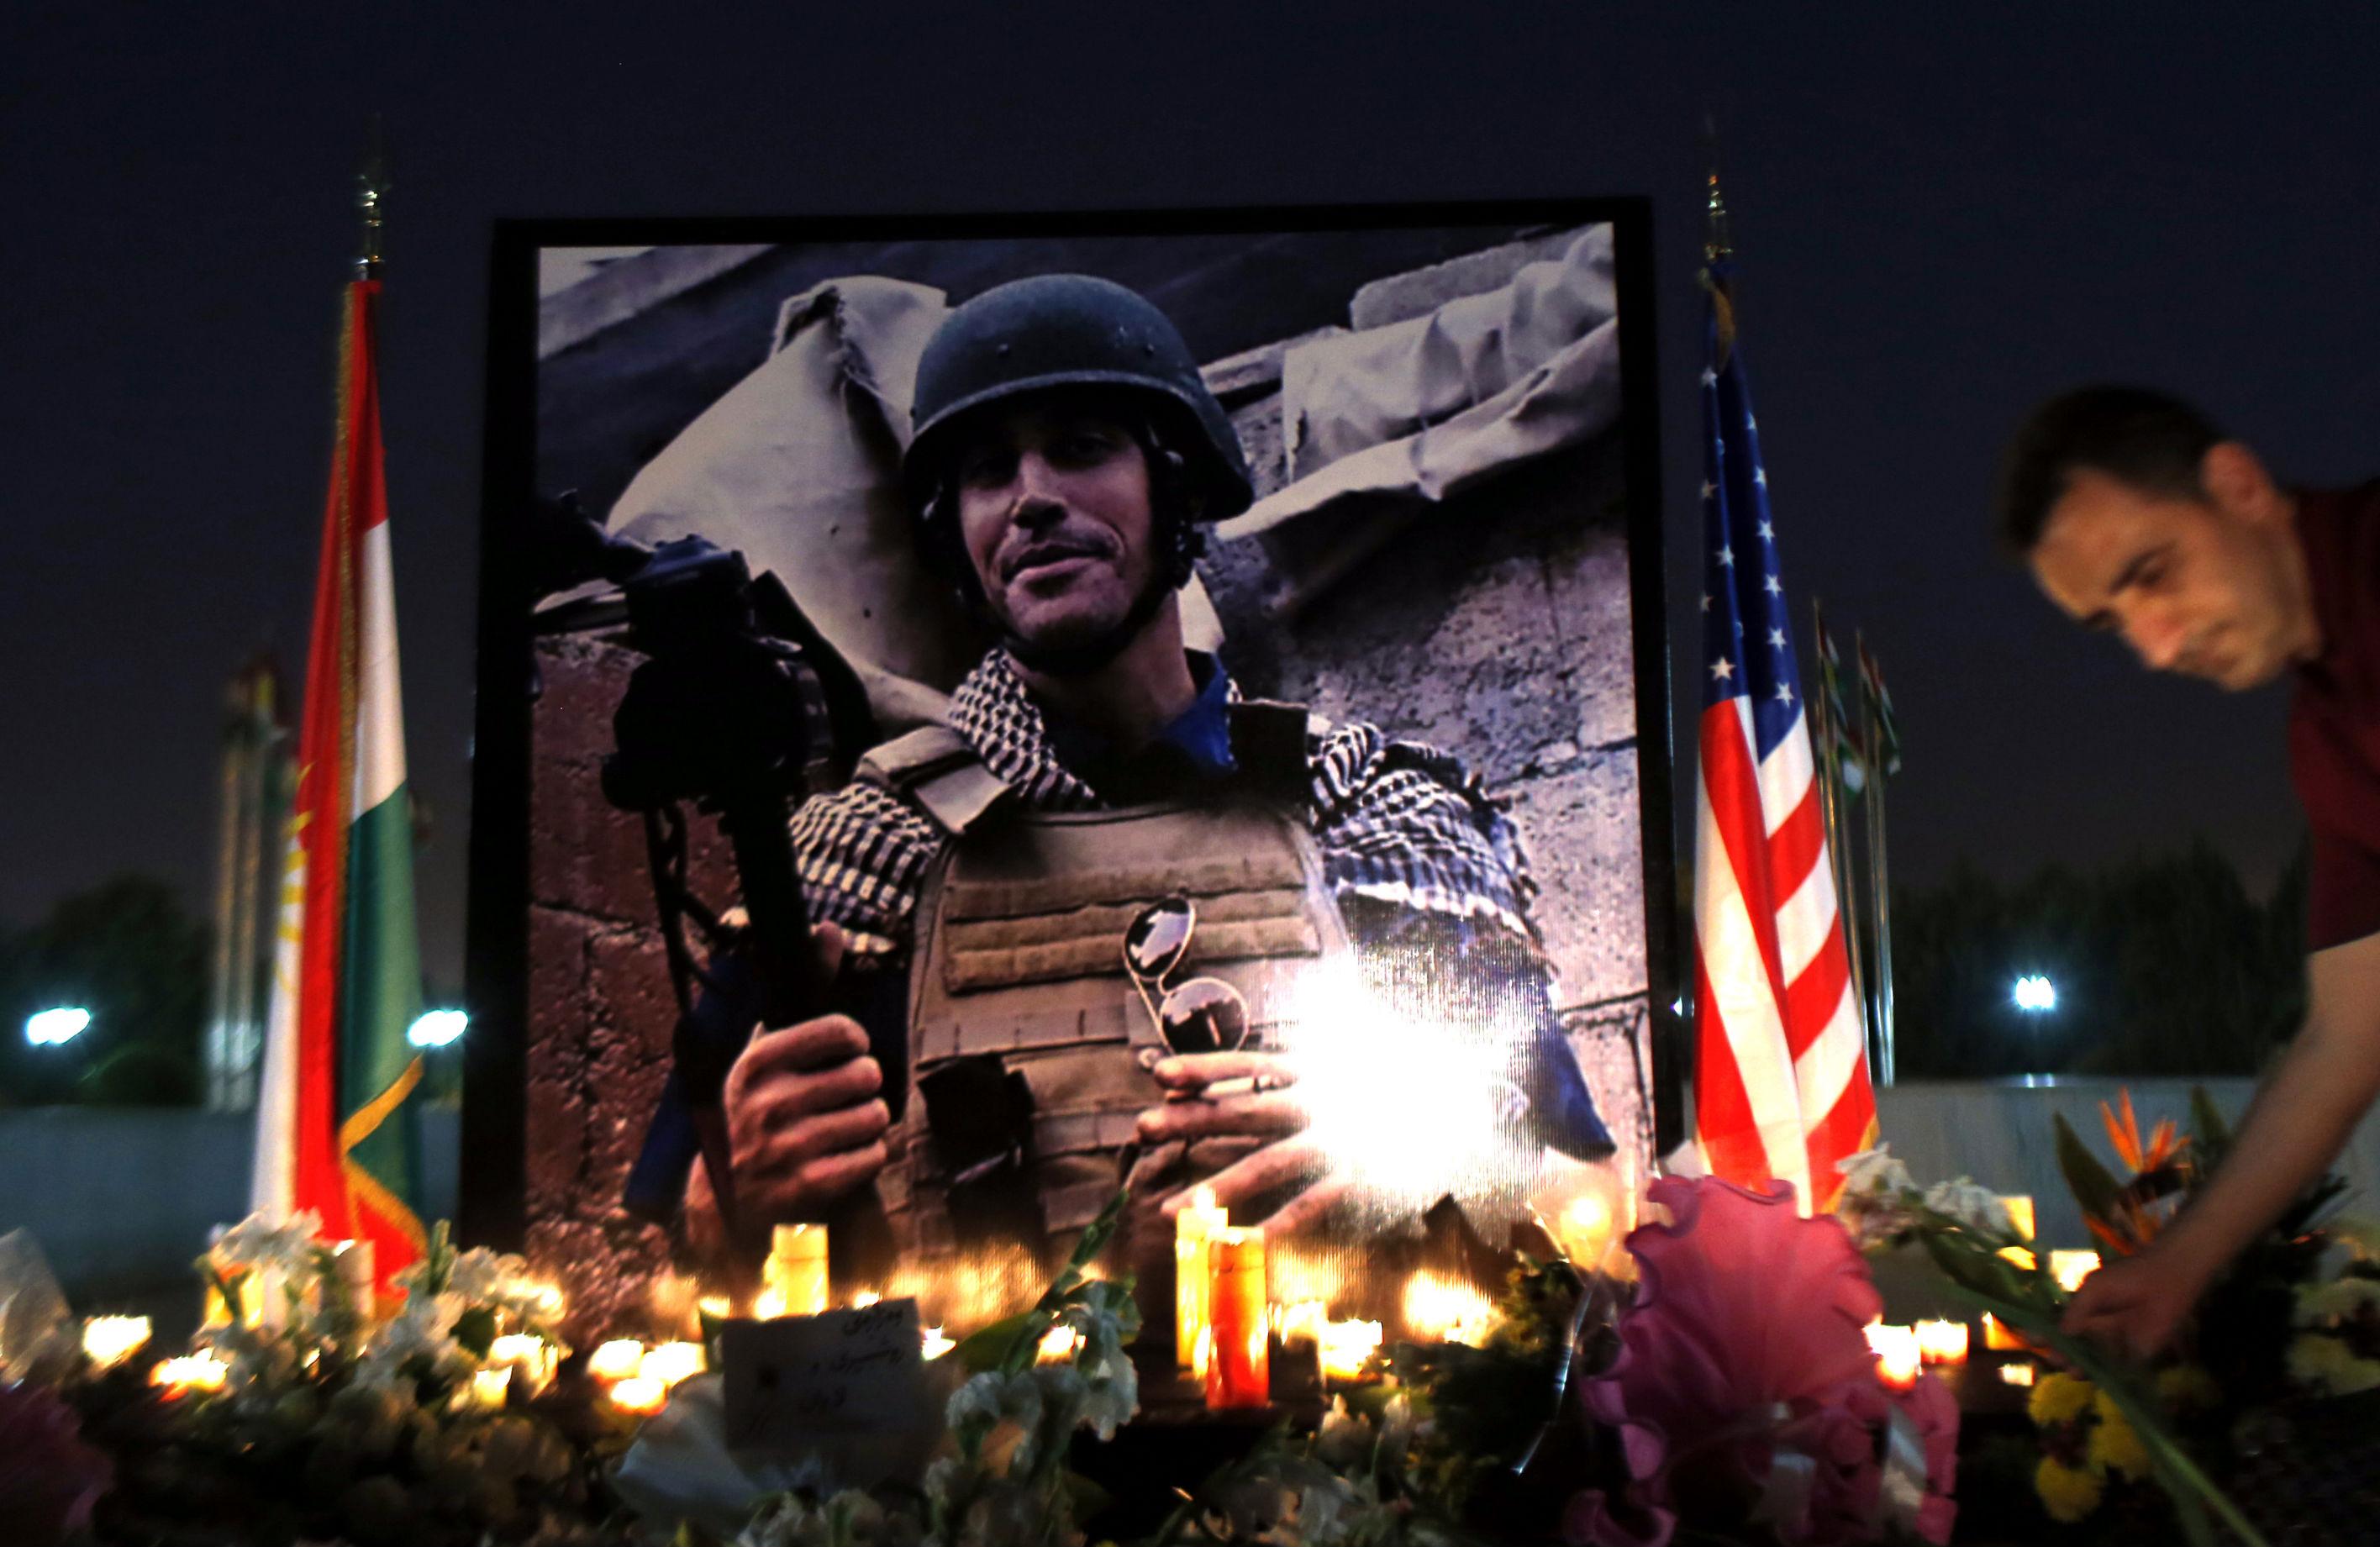 James-Foley-memorial